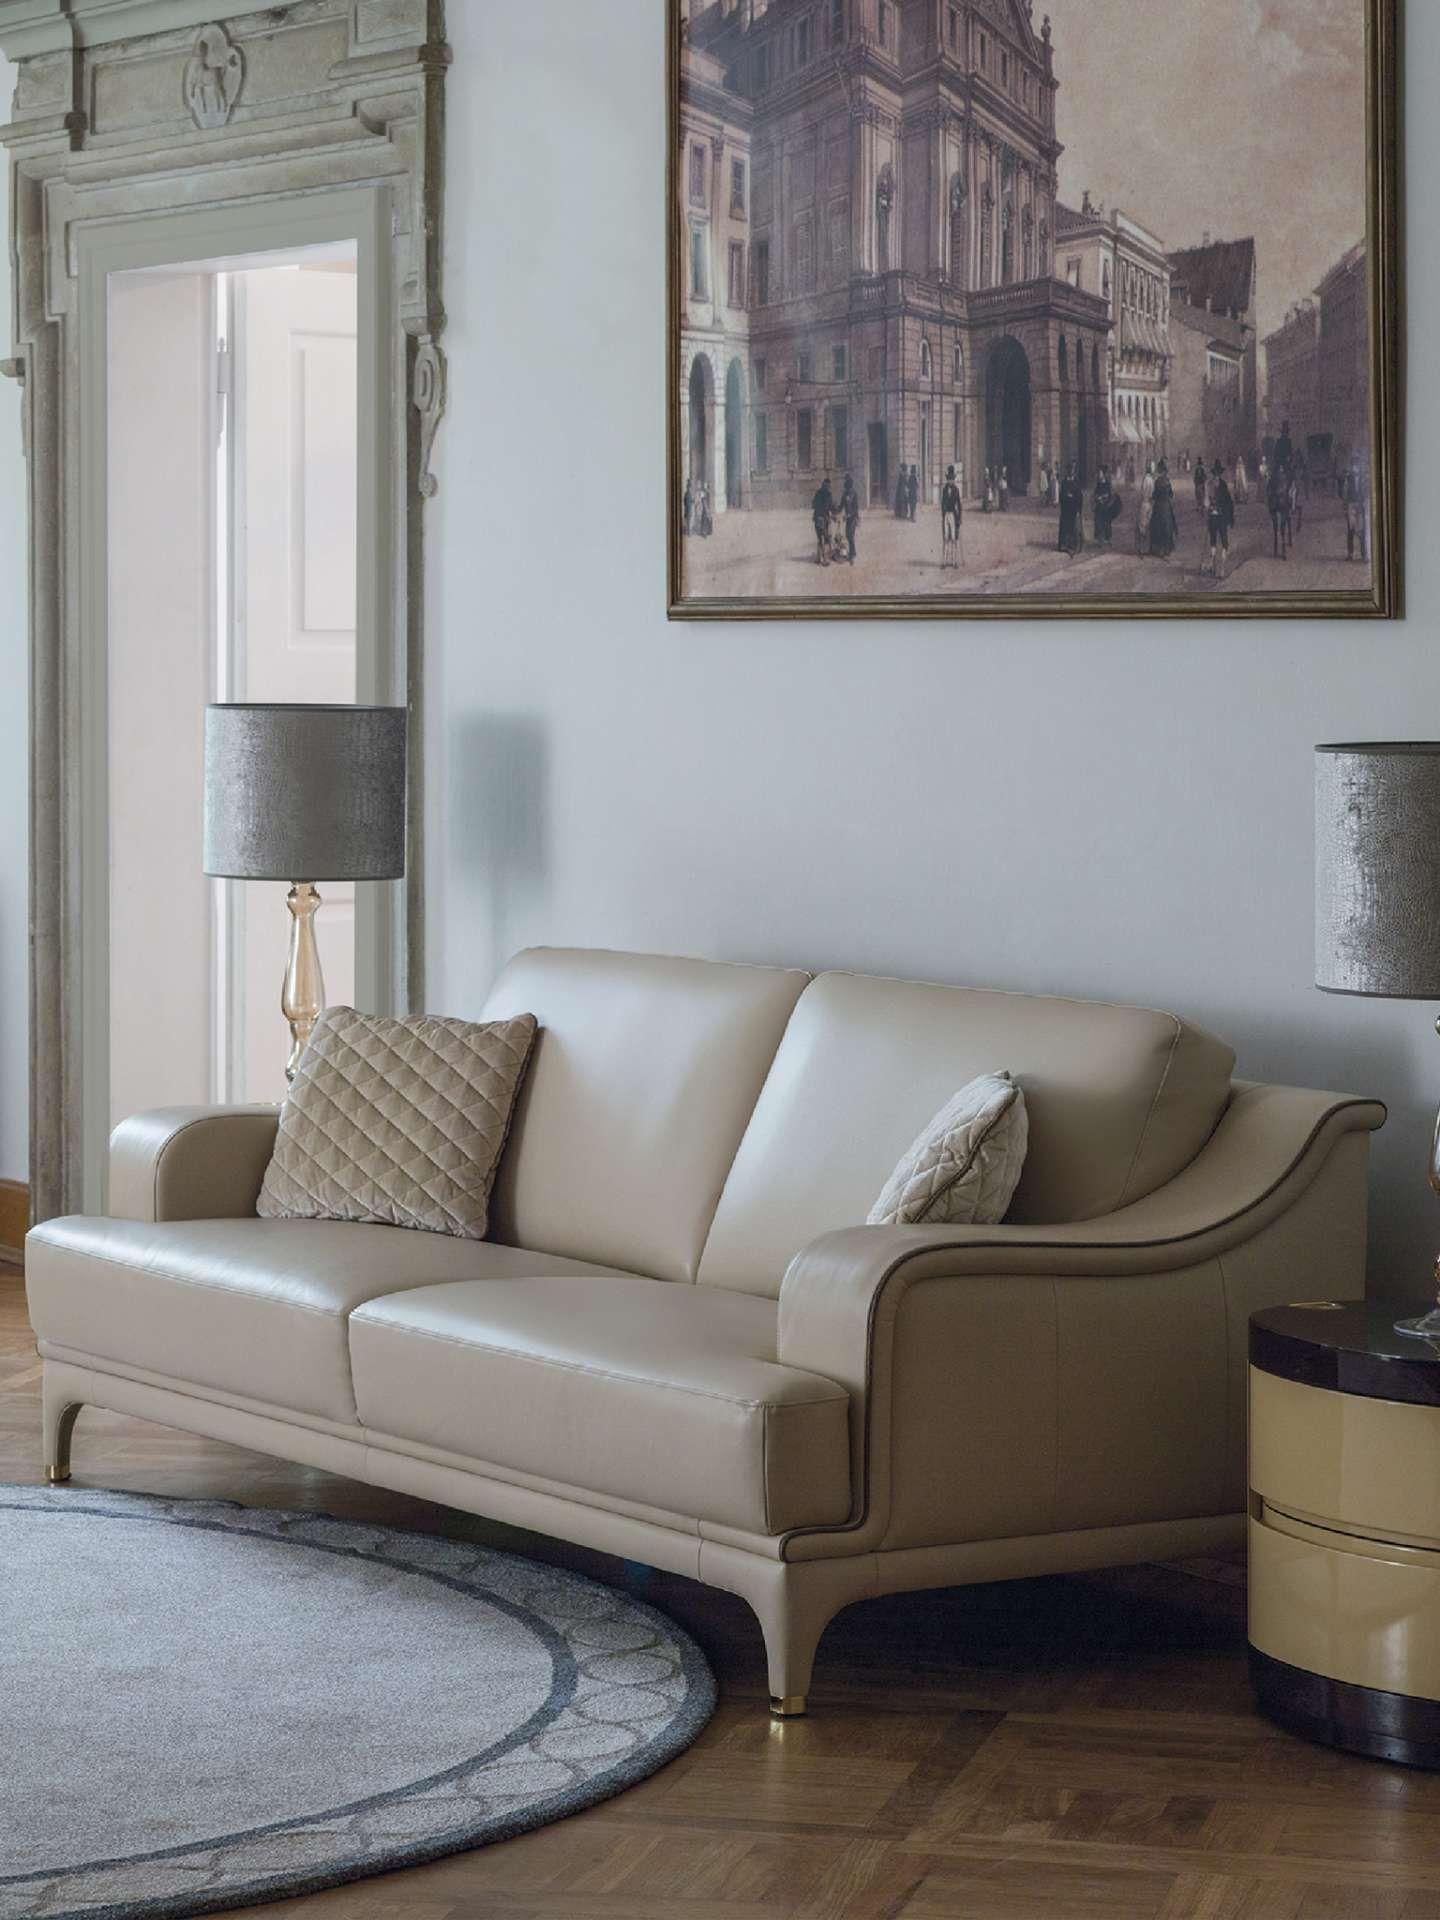 Zestaw Wypoczynkowy W Sklad Ktorego Wchodza Fotel Sofy 2 I 3 Osobowe Podnozek Wyposazenie Dodatkowe Dekoracyjne Poduszki Mobilya Tekli Koltuk Furniture